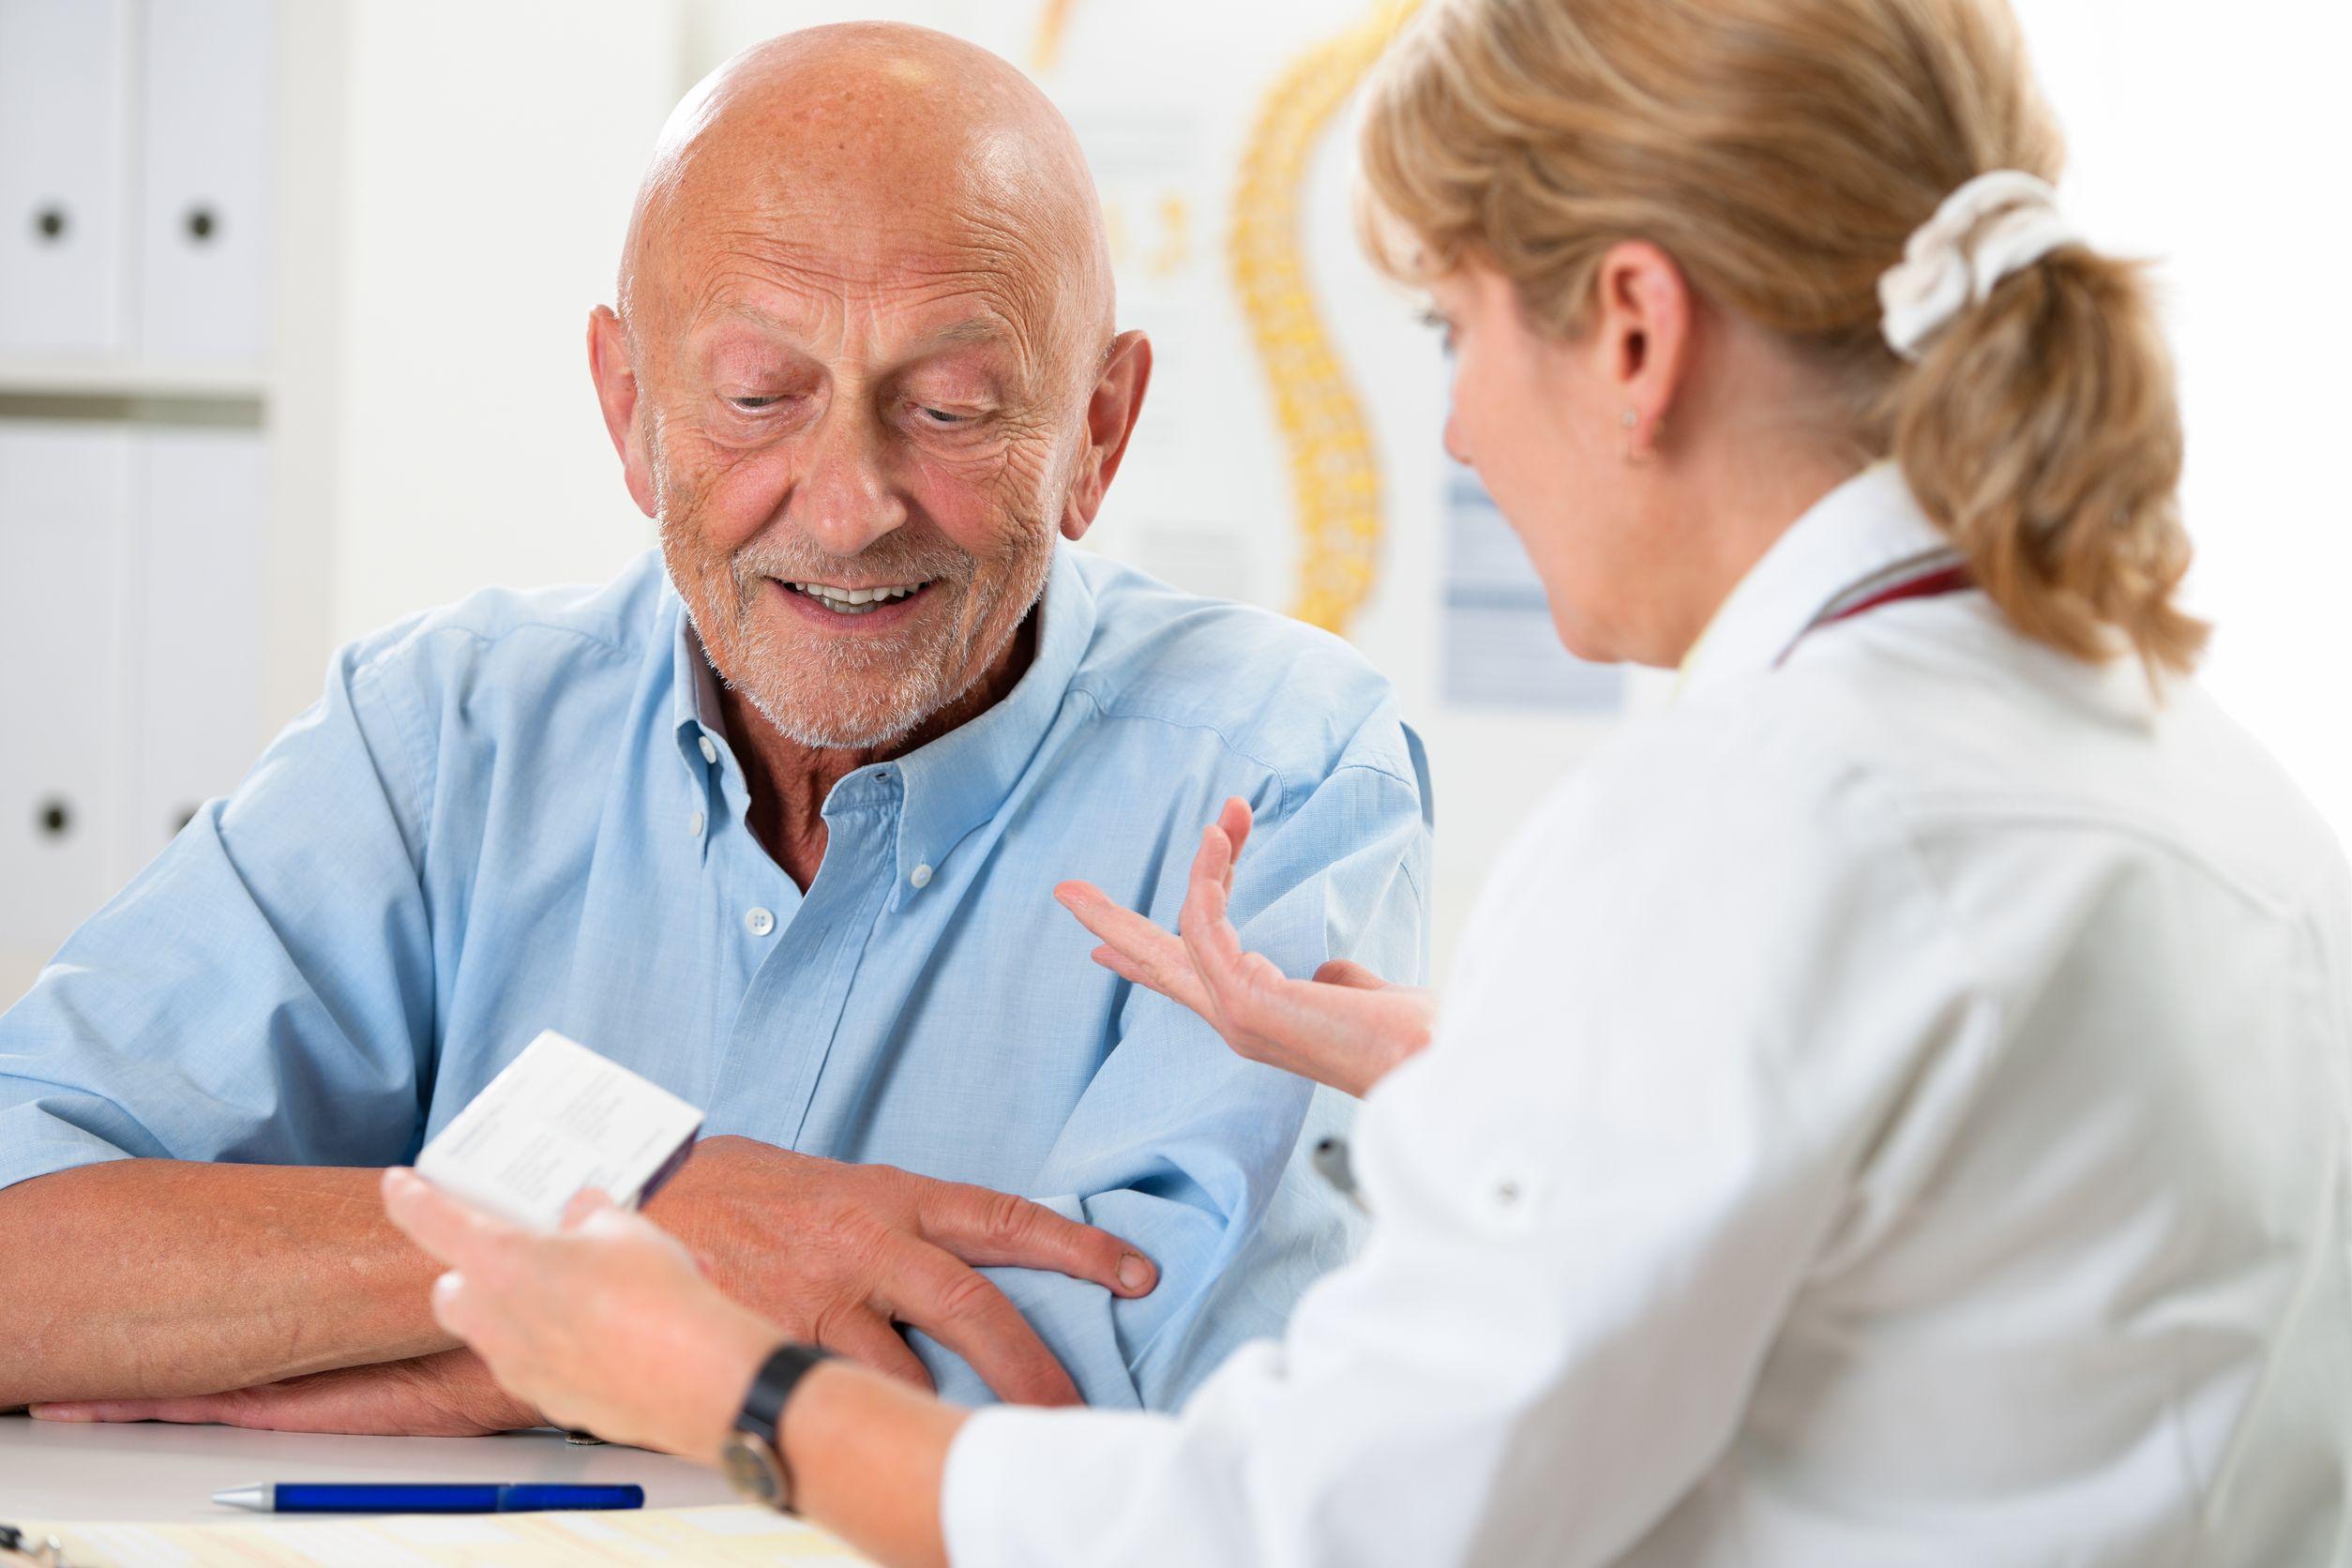 Professzionális visszérkezelés a páciensek személyes igényei szerint